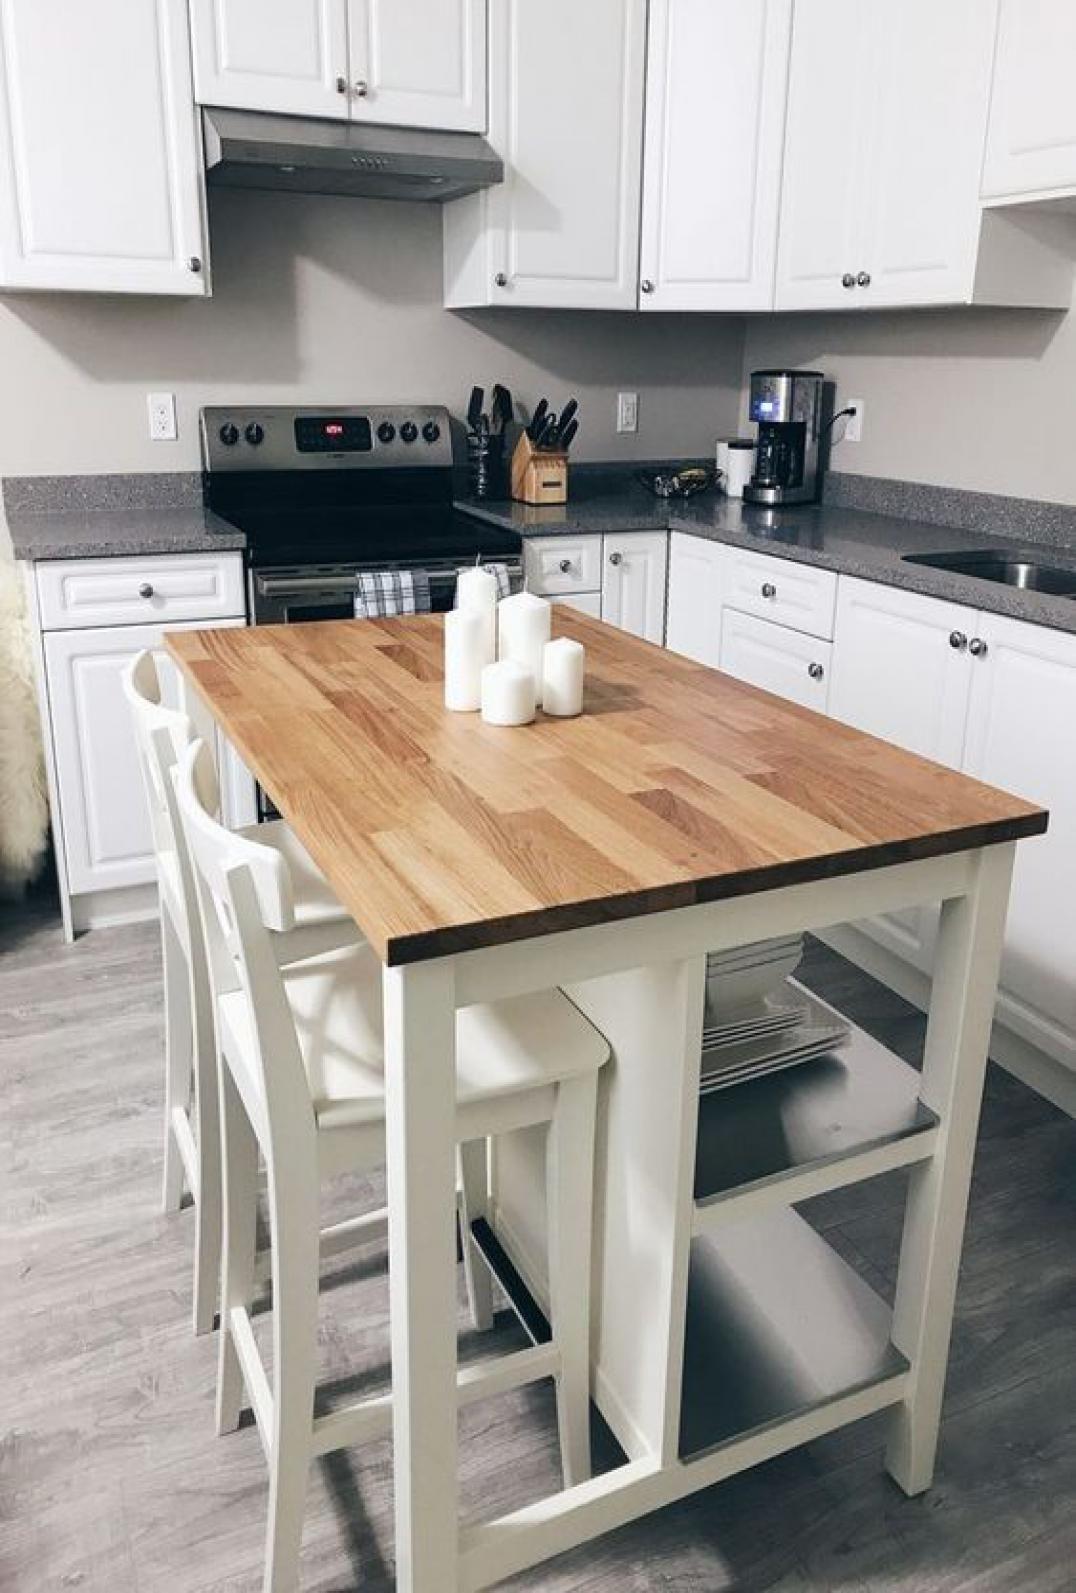 49 Gorgeous Farmhouse Gray Kitchen Cabinet Design Ideas Kitchen Island With Seating Ikea Ikea Kitchen Island Kitchen Island With Seating